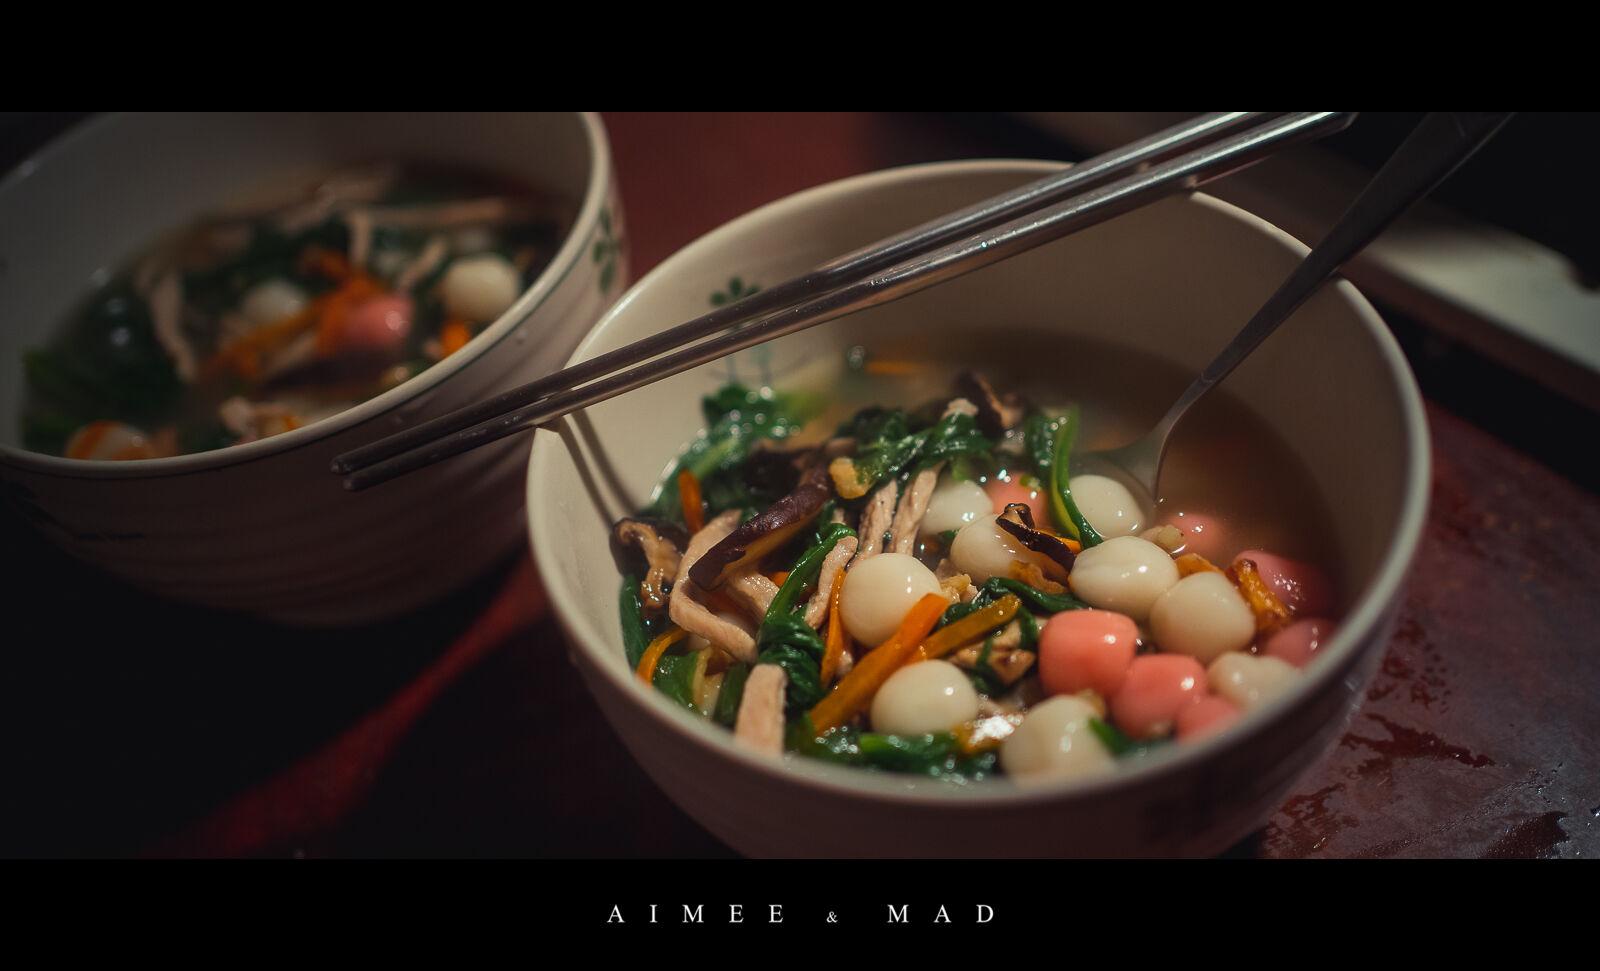 【客家鹹湯圓】媽媽的鹹湯圓製作方法,關鍵就在「爆香」這一步!